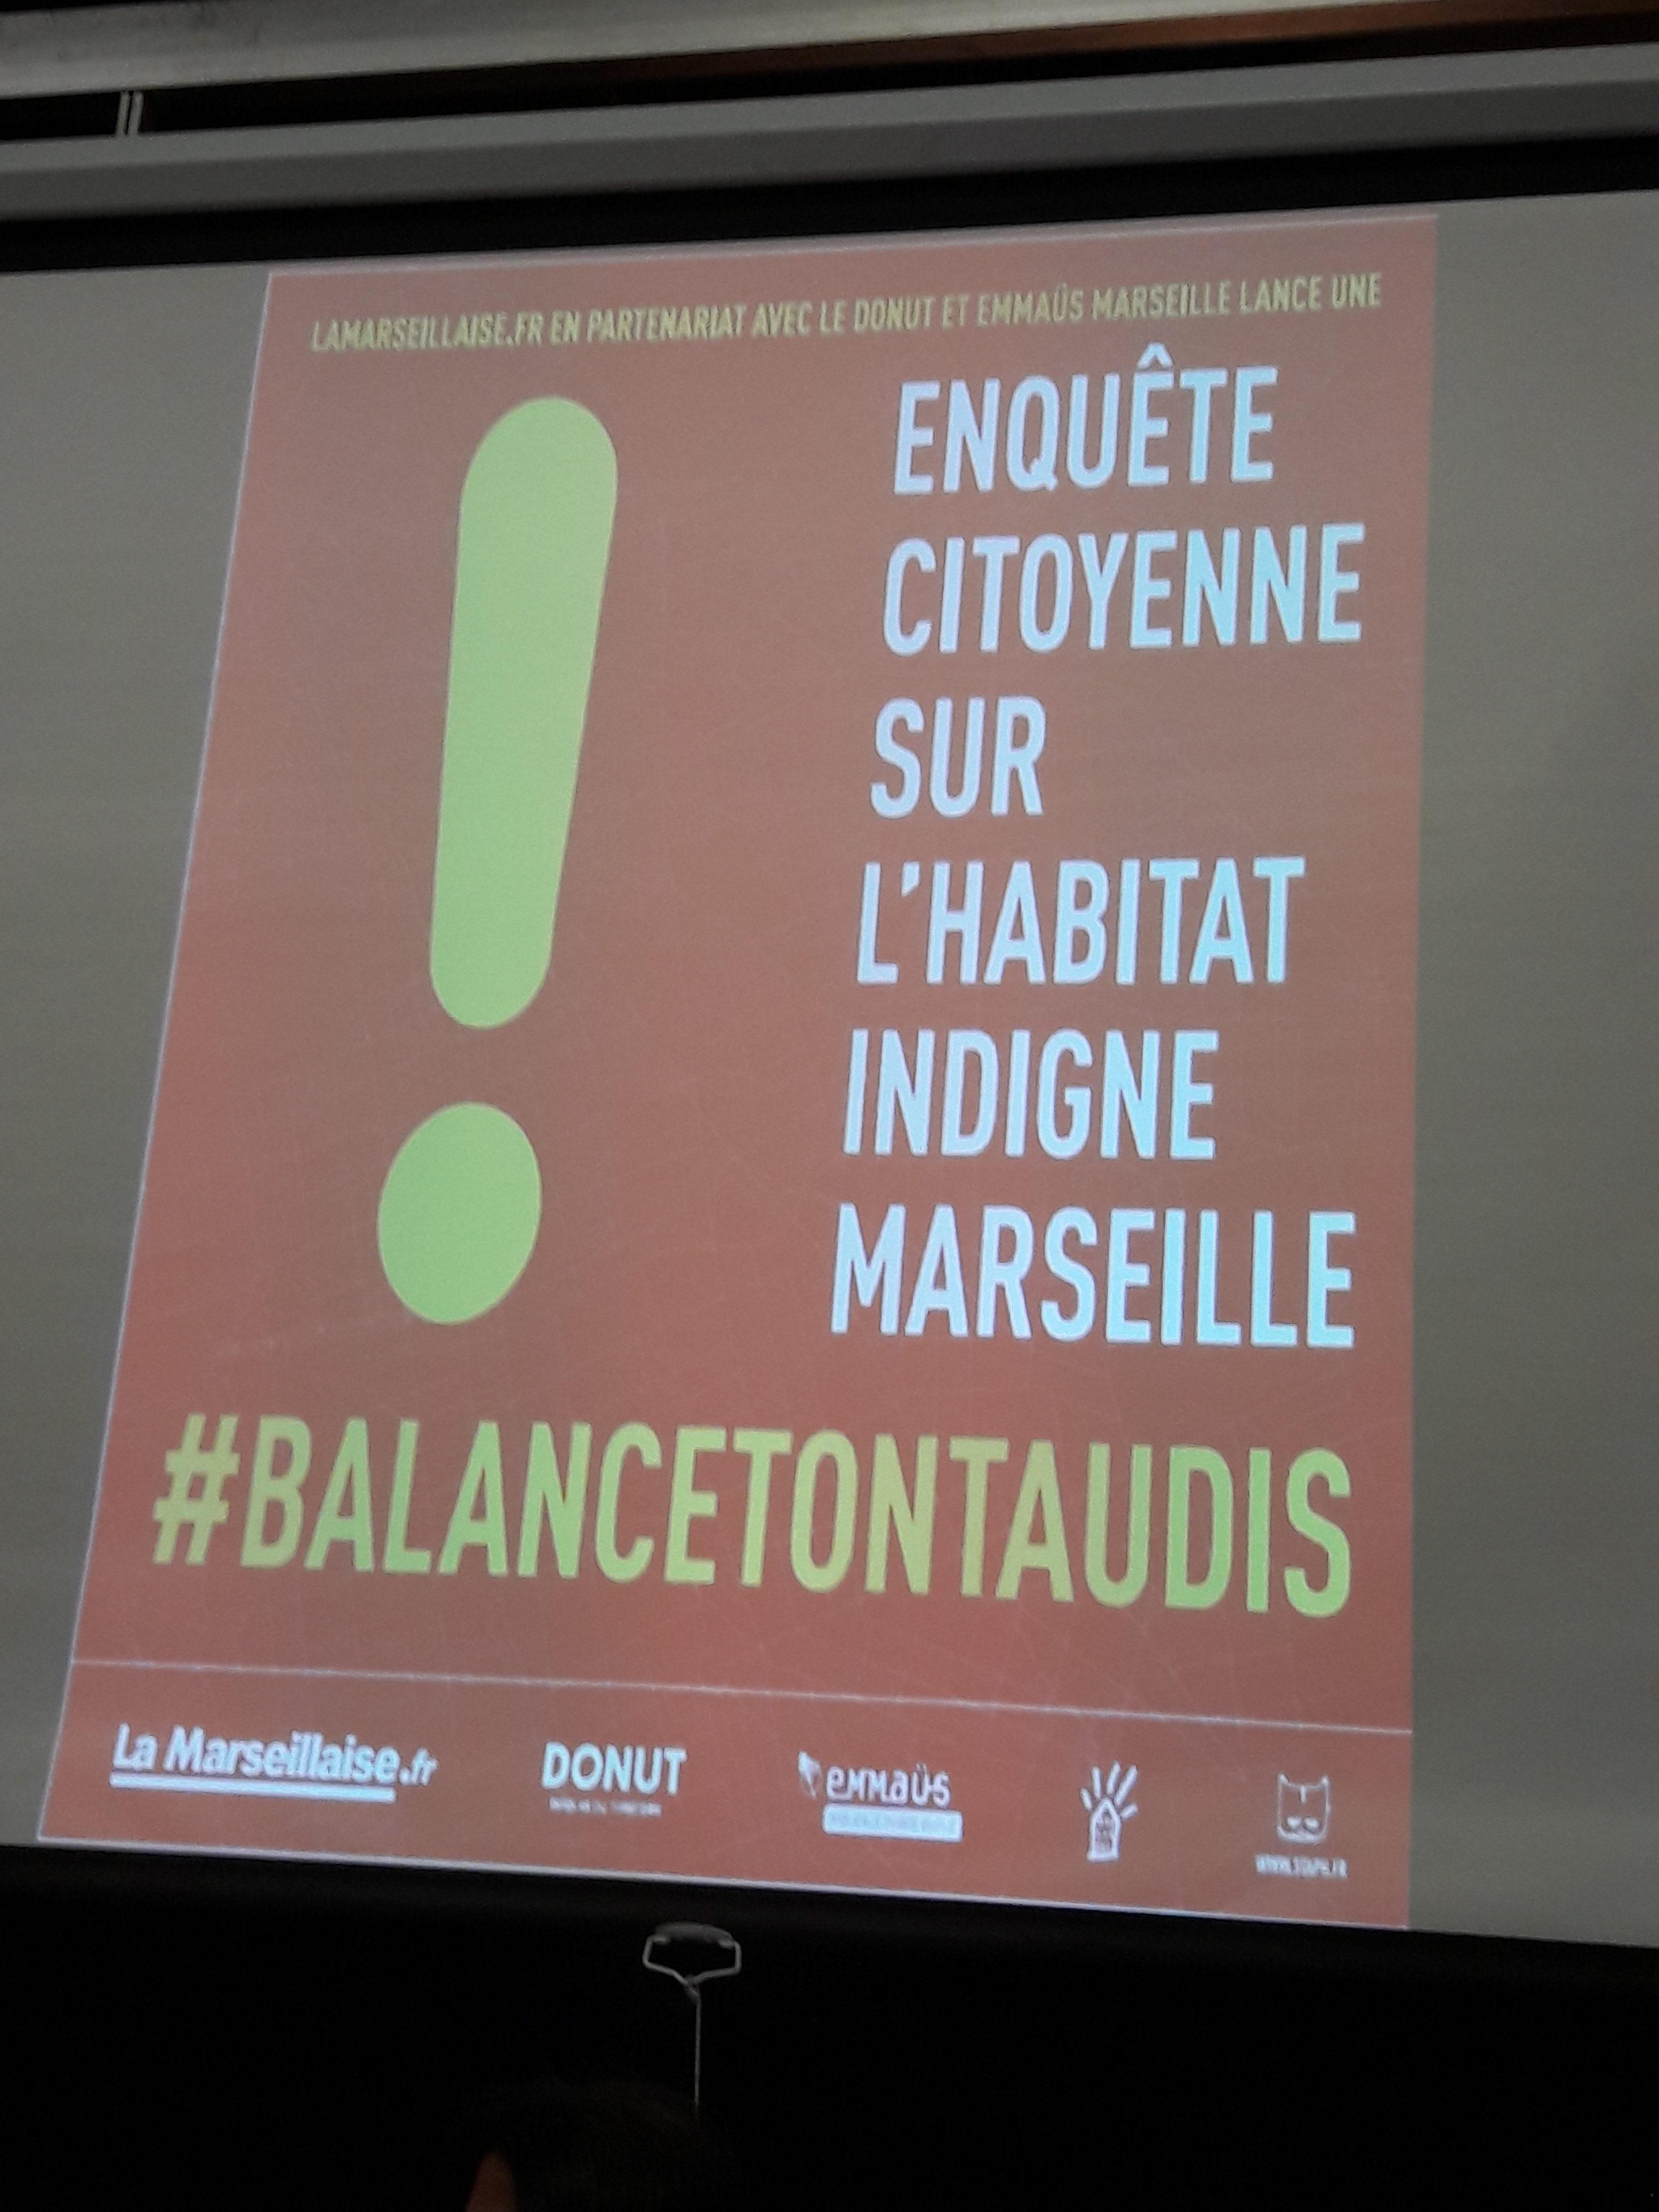 Enquête Citoyenne sur l'habitat Indigne : Émotion et combativité dans la Salle des Rotatives